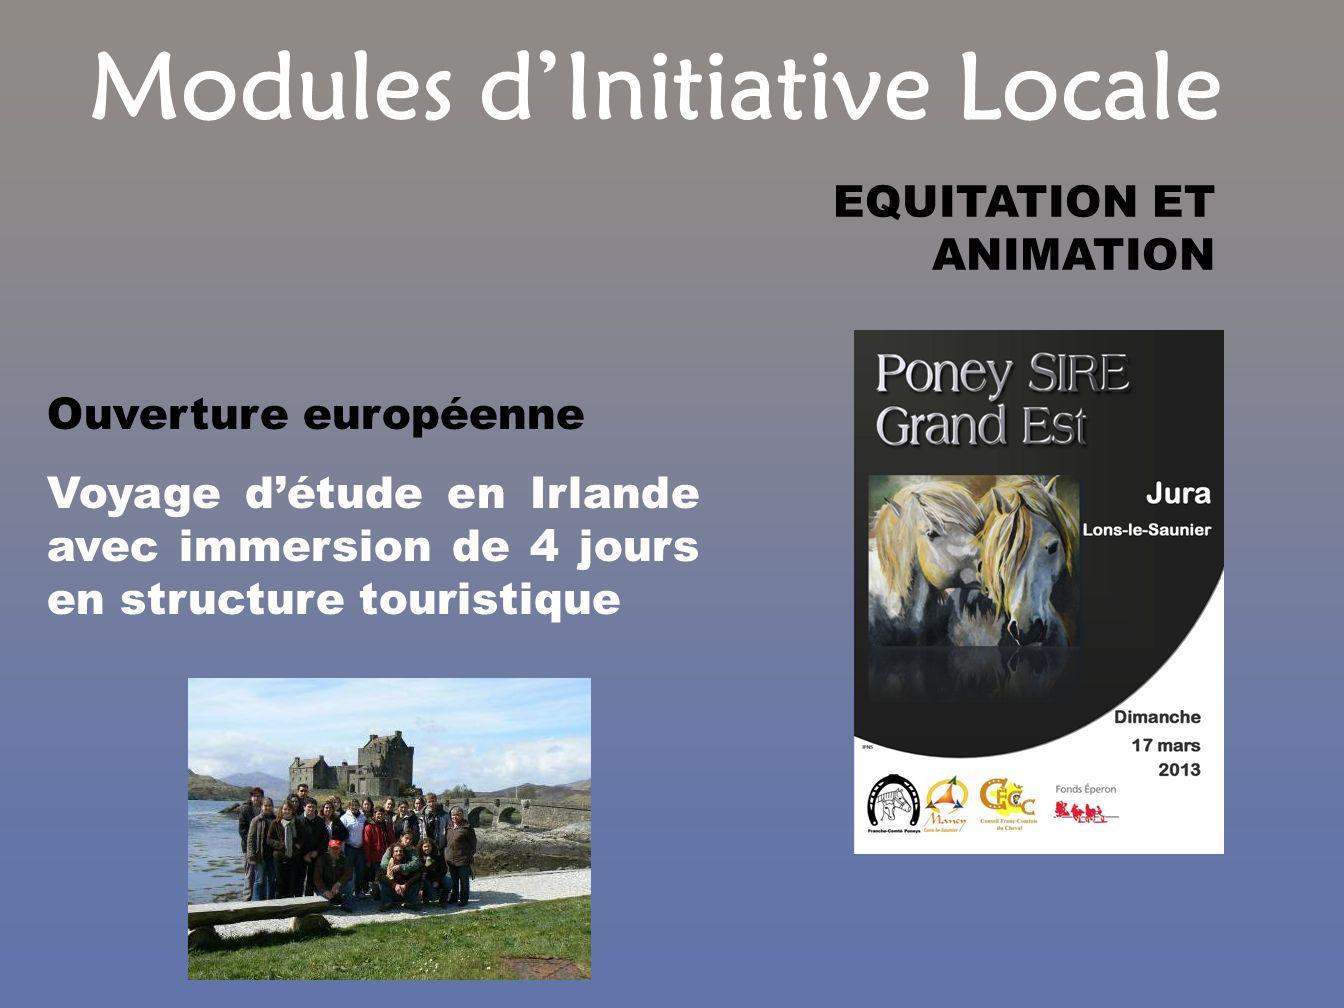 Modules dInitiative Locale Ouverture européenne Voyage détude en Irlande avec immersion de 4 jours en structure touristique EQUITATION ET ANIMATION